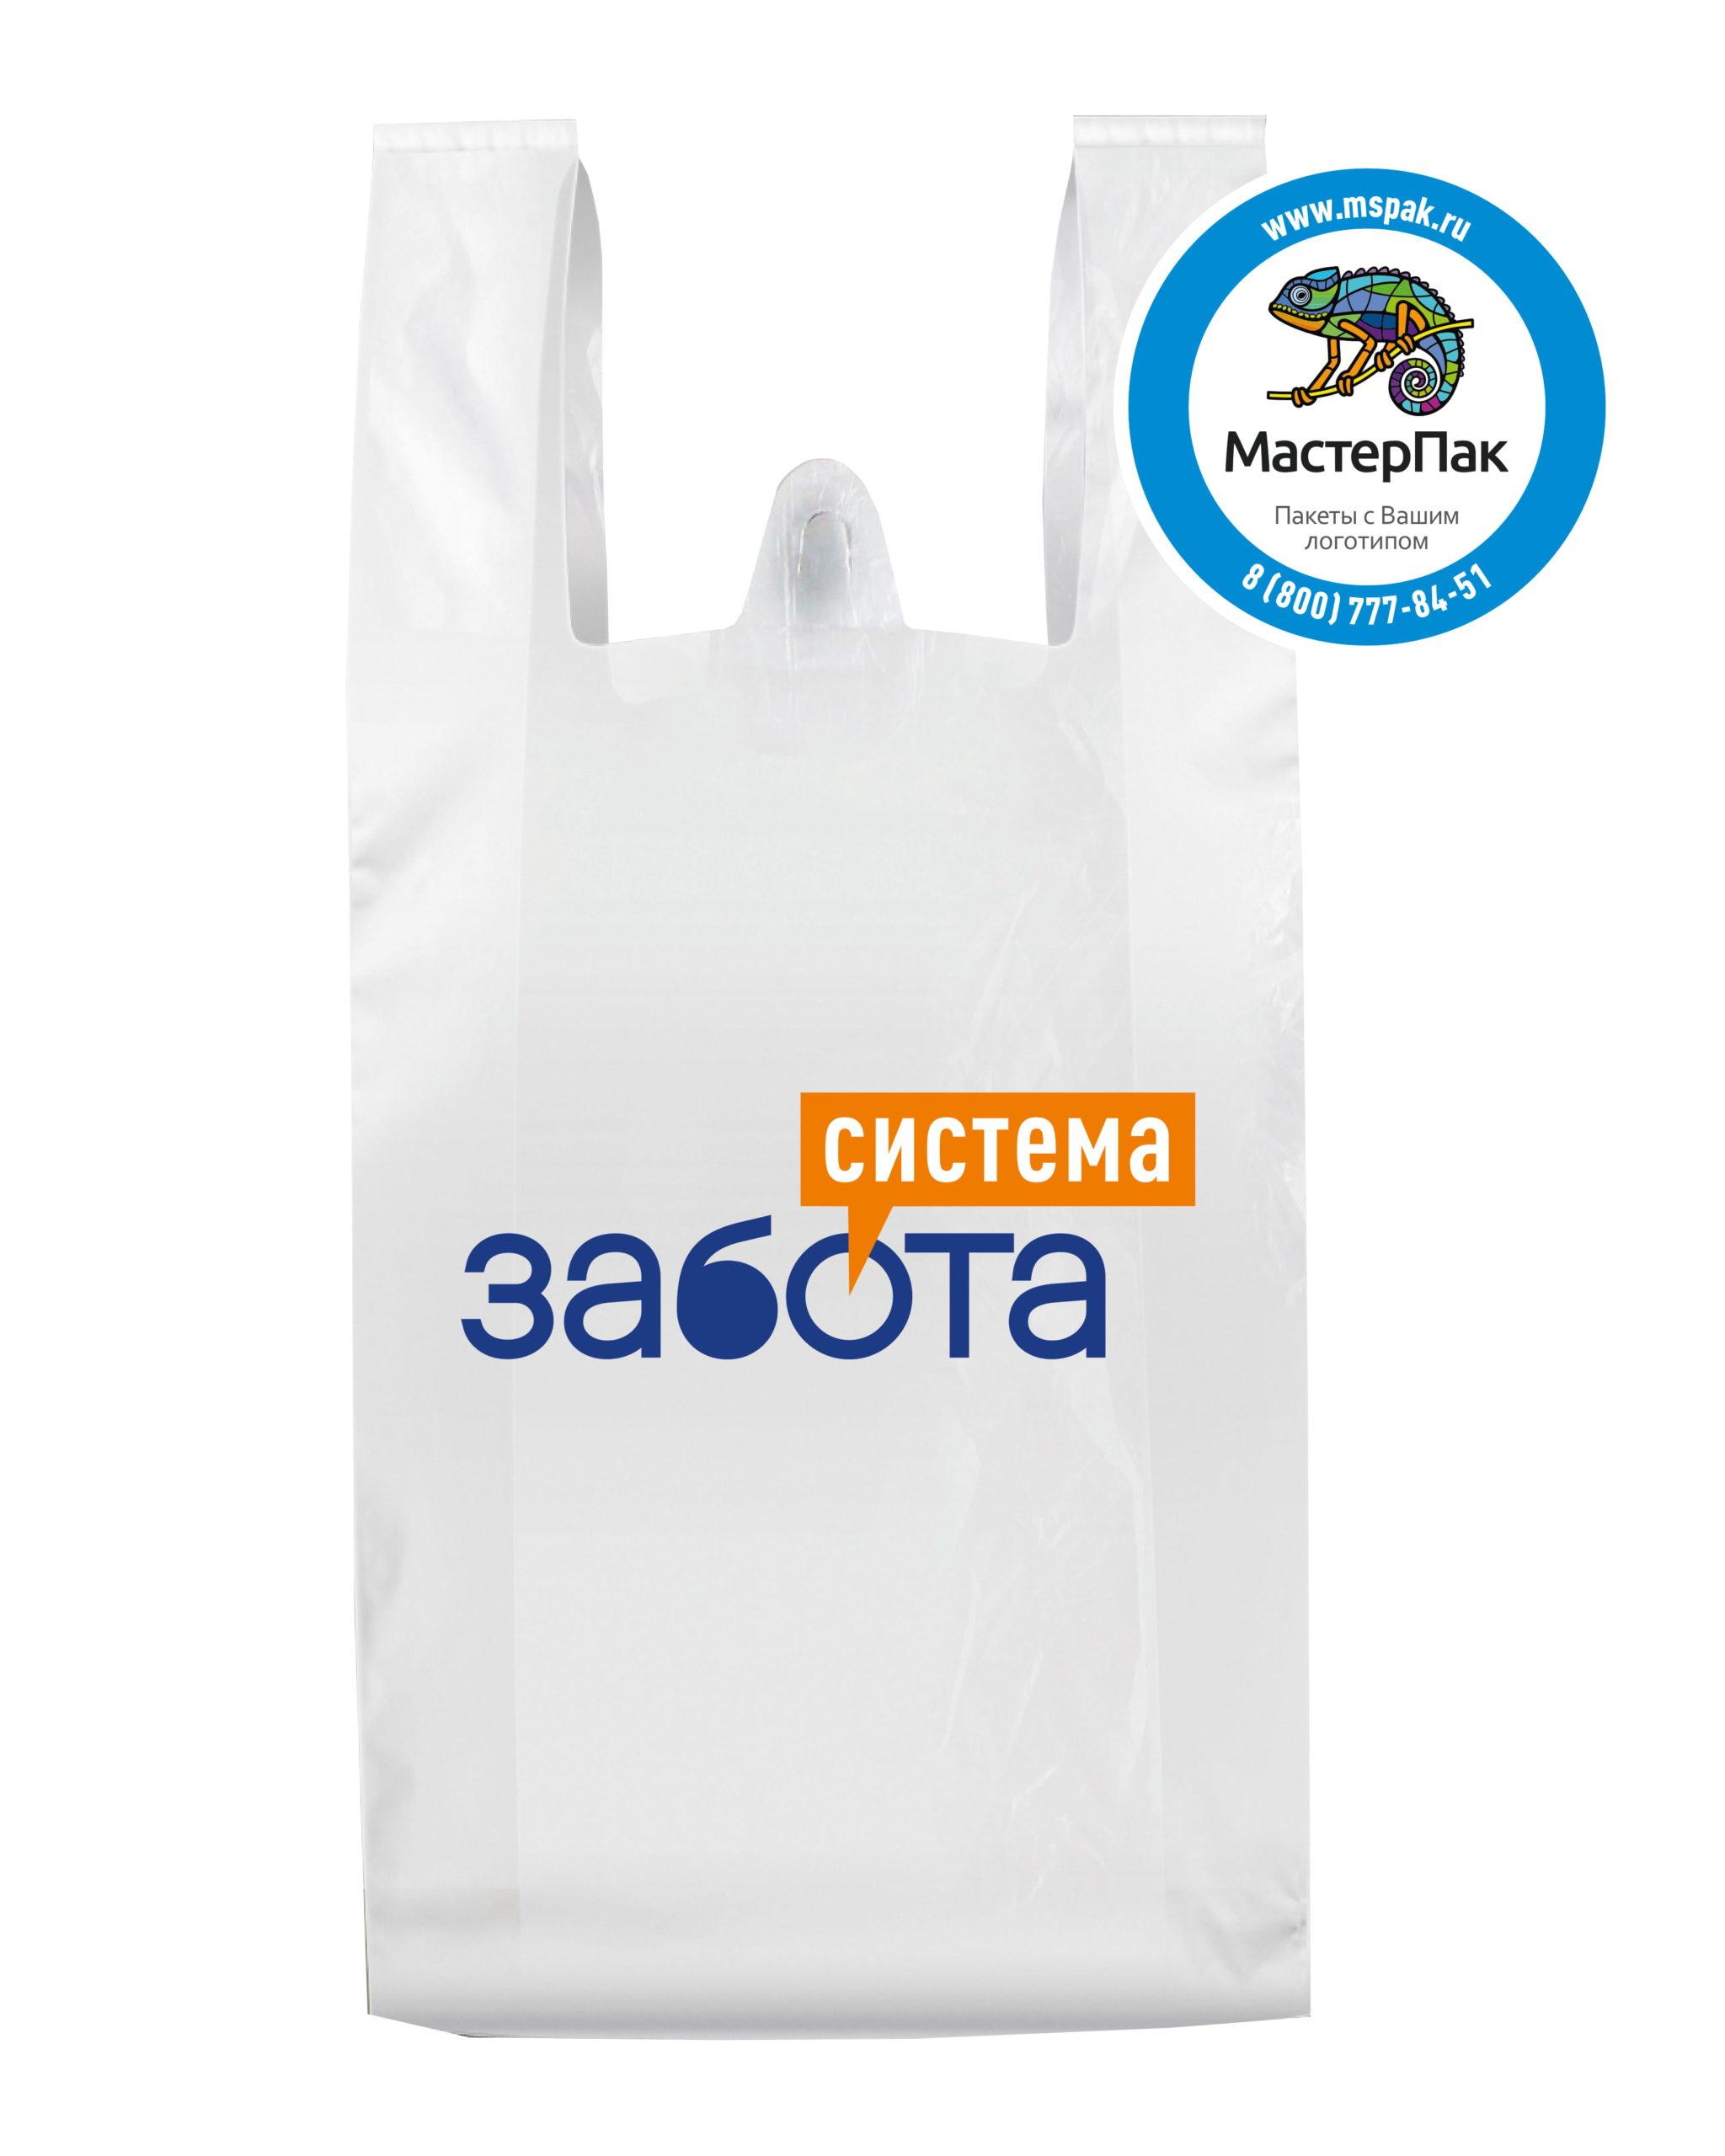 """Пакет-майка ПНД с логотипом """"Система Забота"""", Спб (флексопечать, 40*60)"""